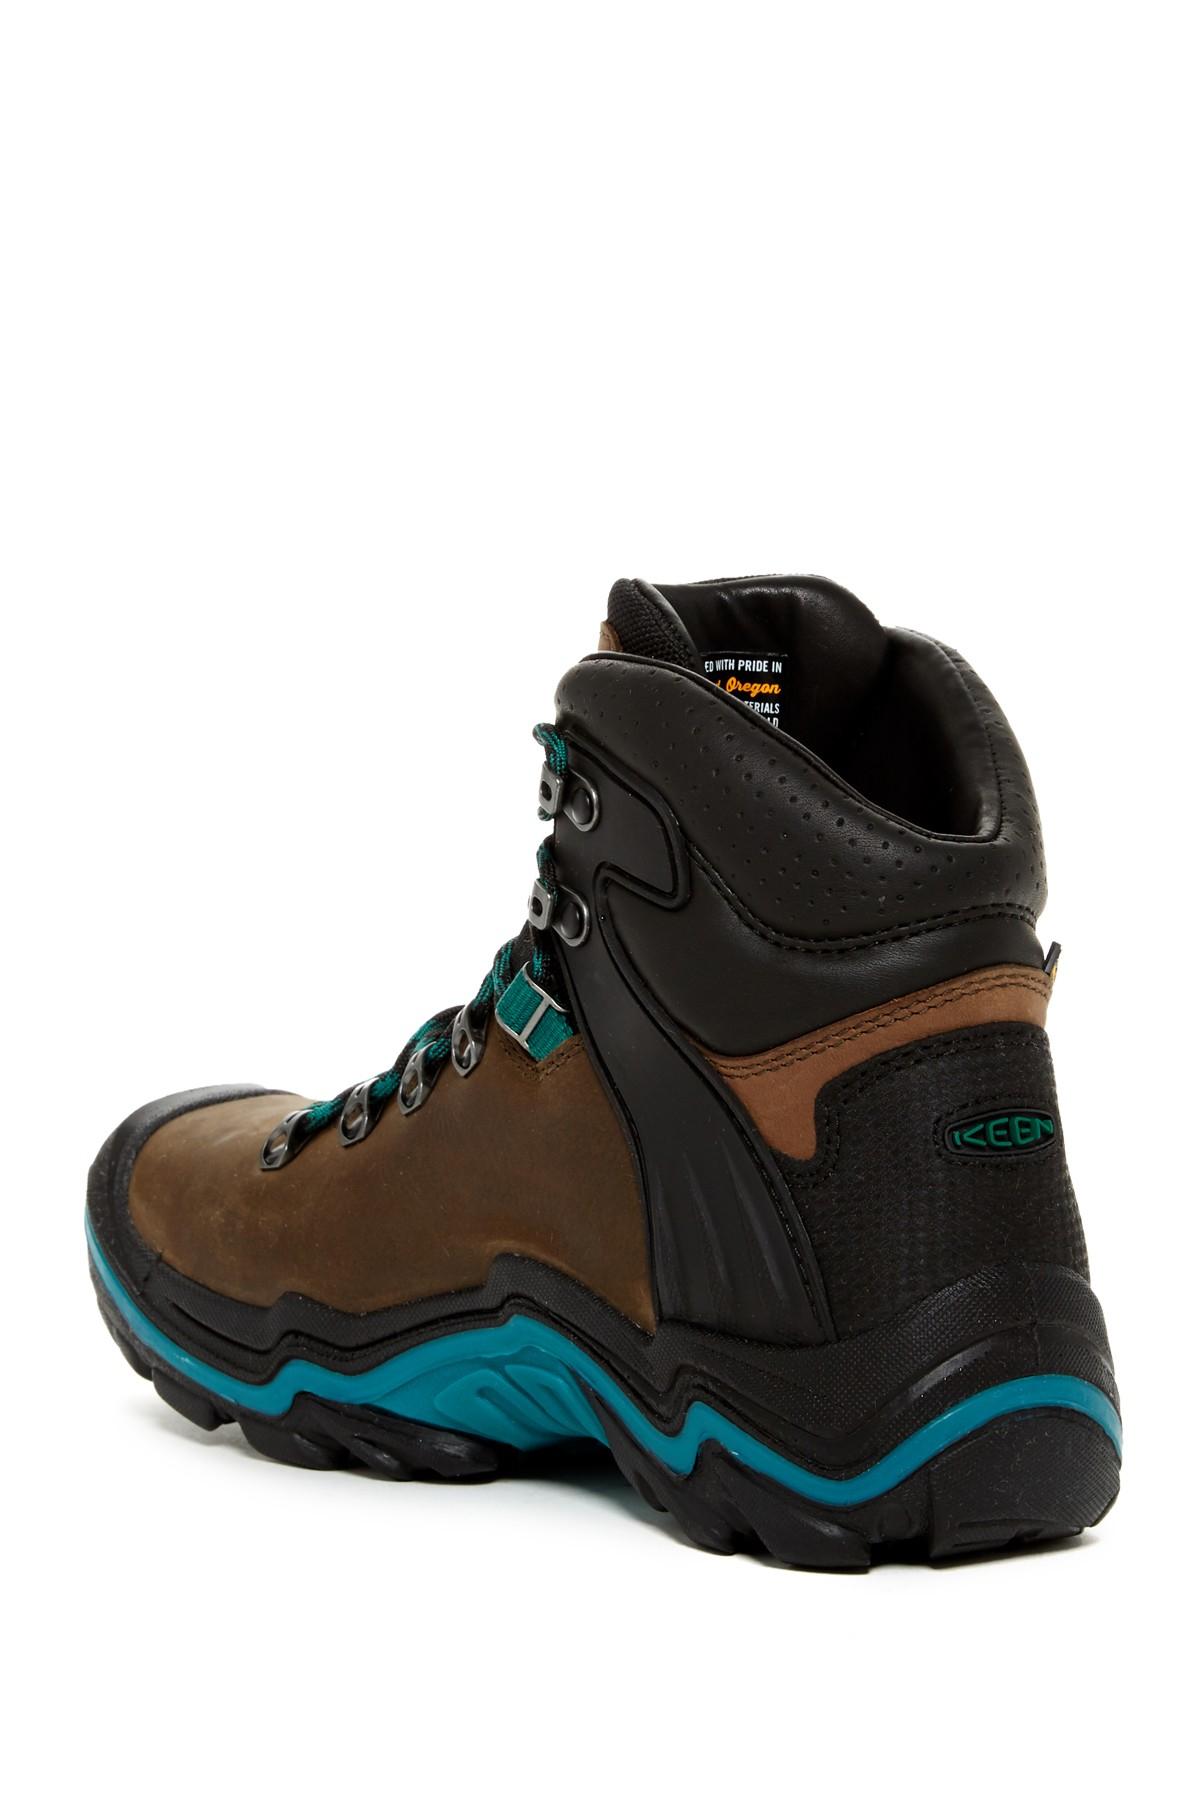 Keen Liberty Ridge Waterproof Boot In Brown For Men | Lyst